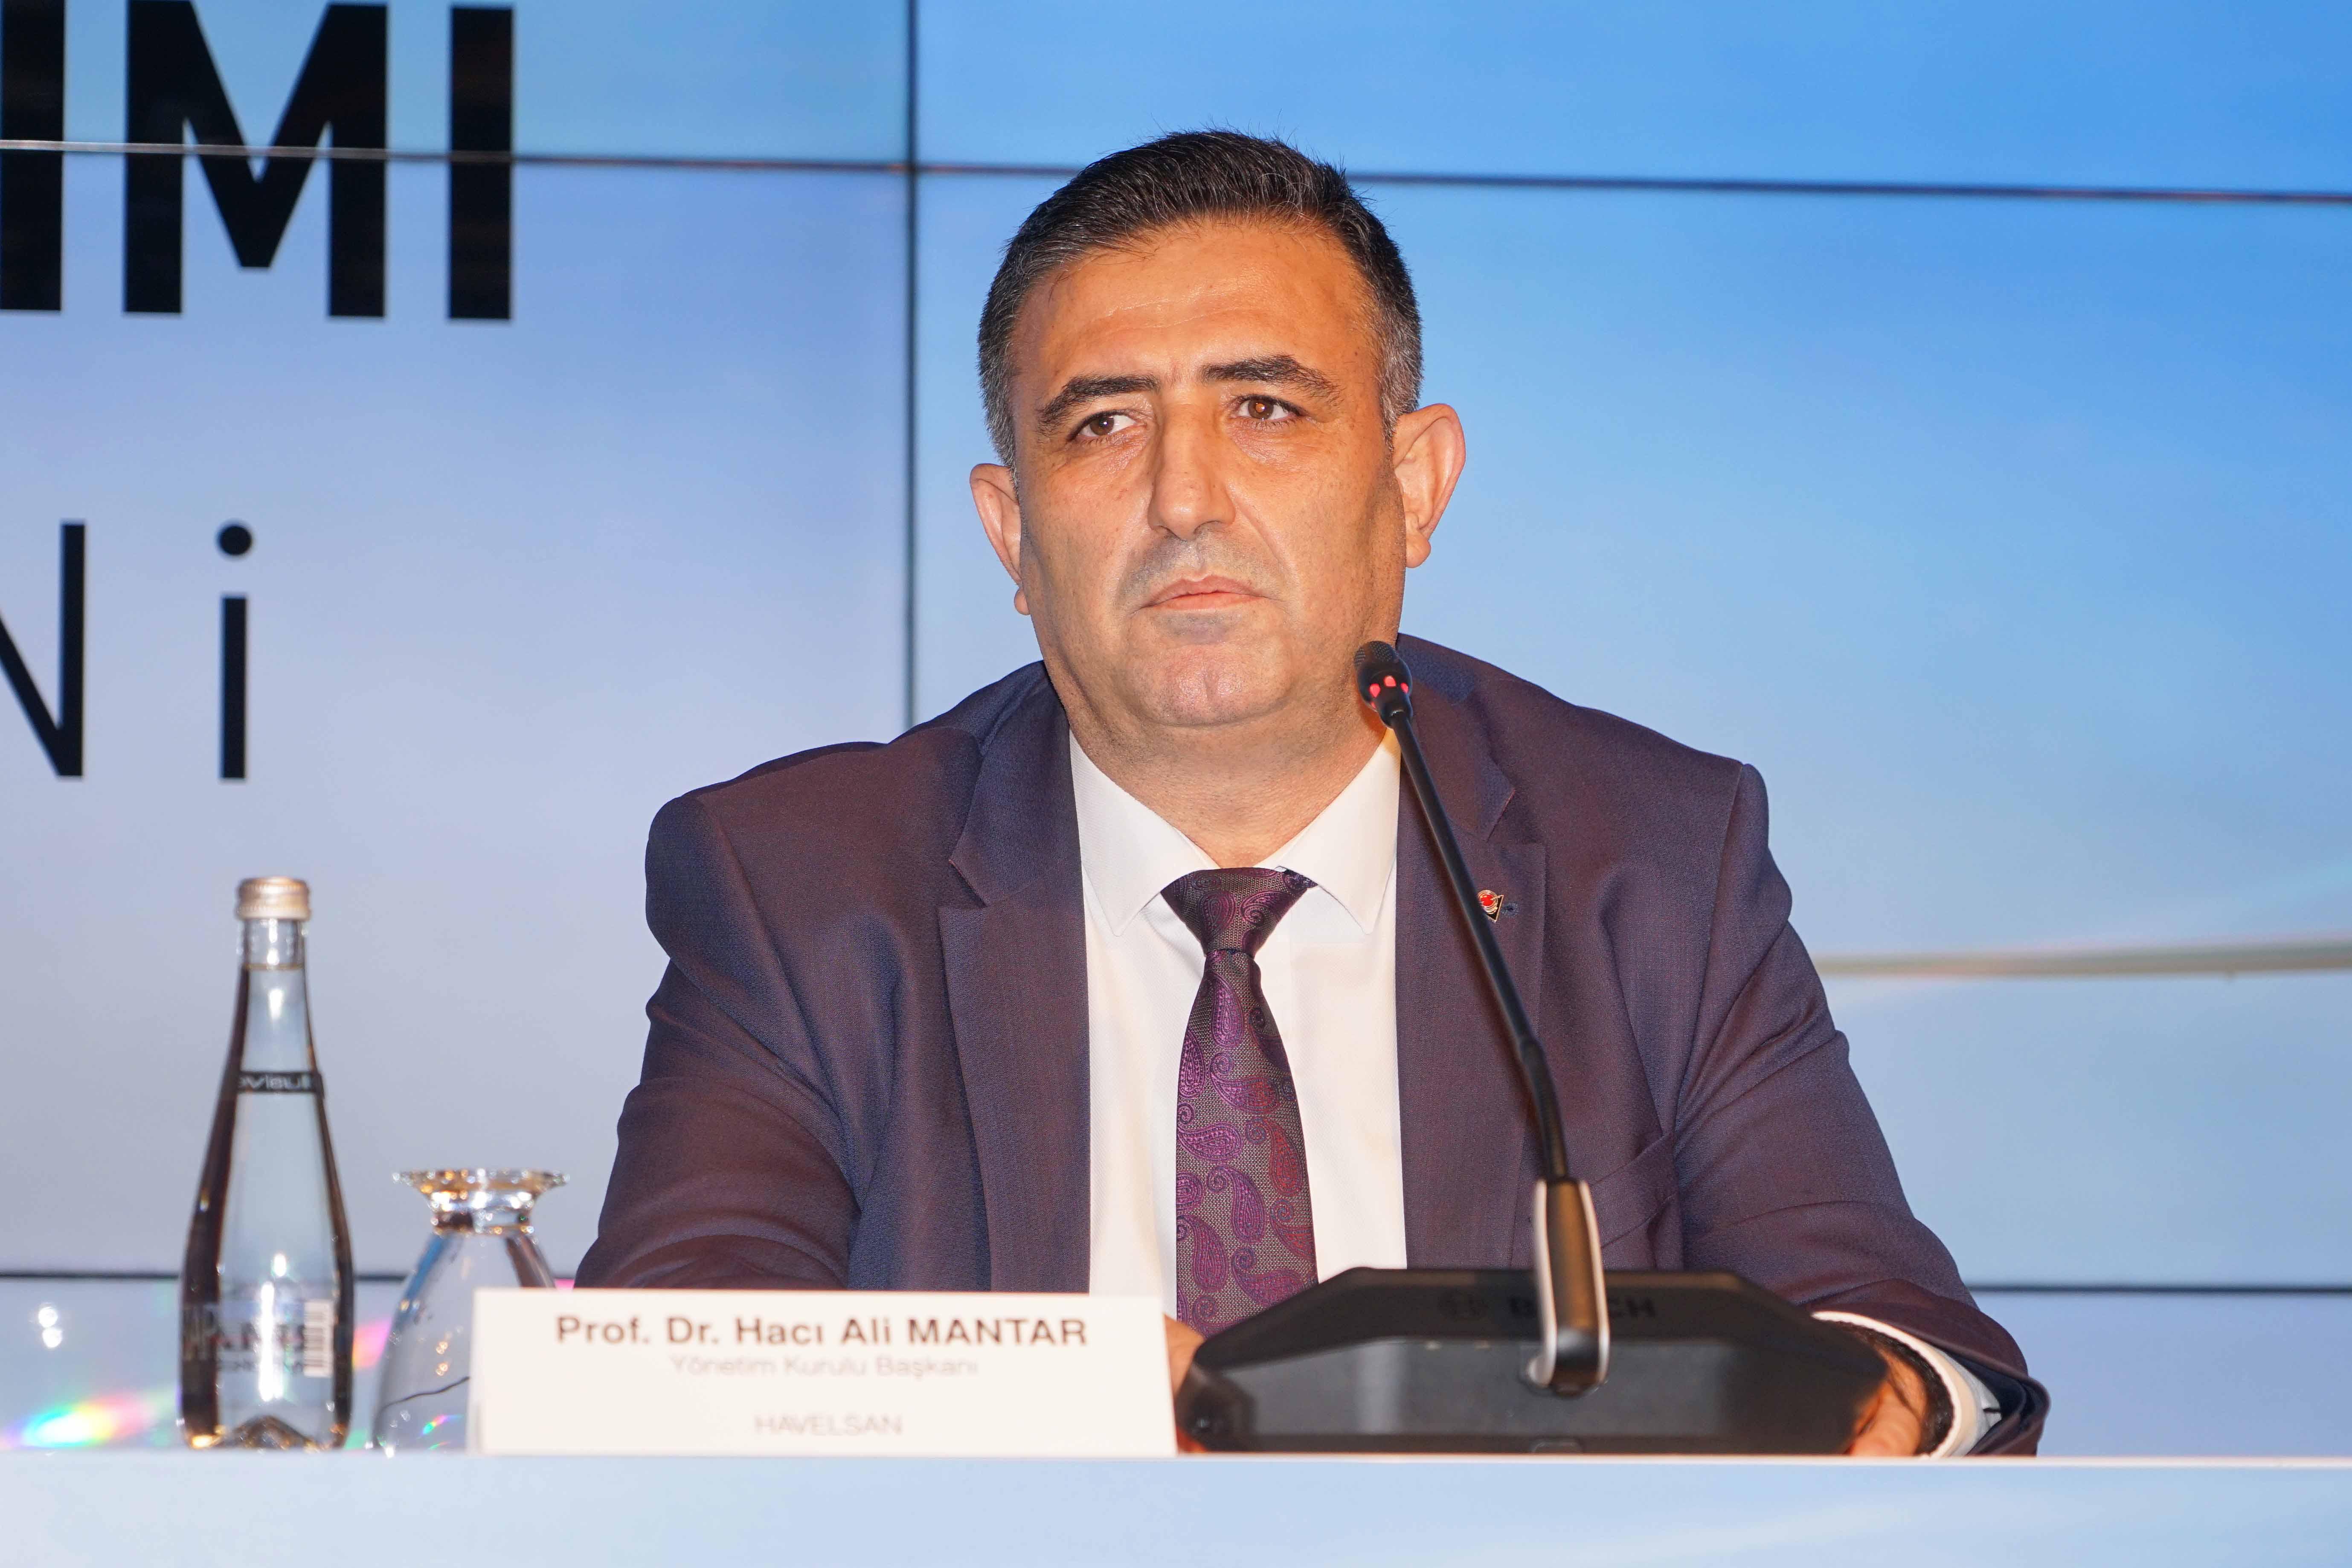 Türk Hava Yolları, Pilotaj Eğitimini Destekleyen Simülatörlerin Tedariki için Havelsan ile Anlaştı